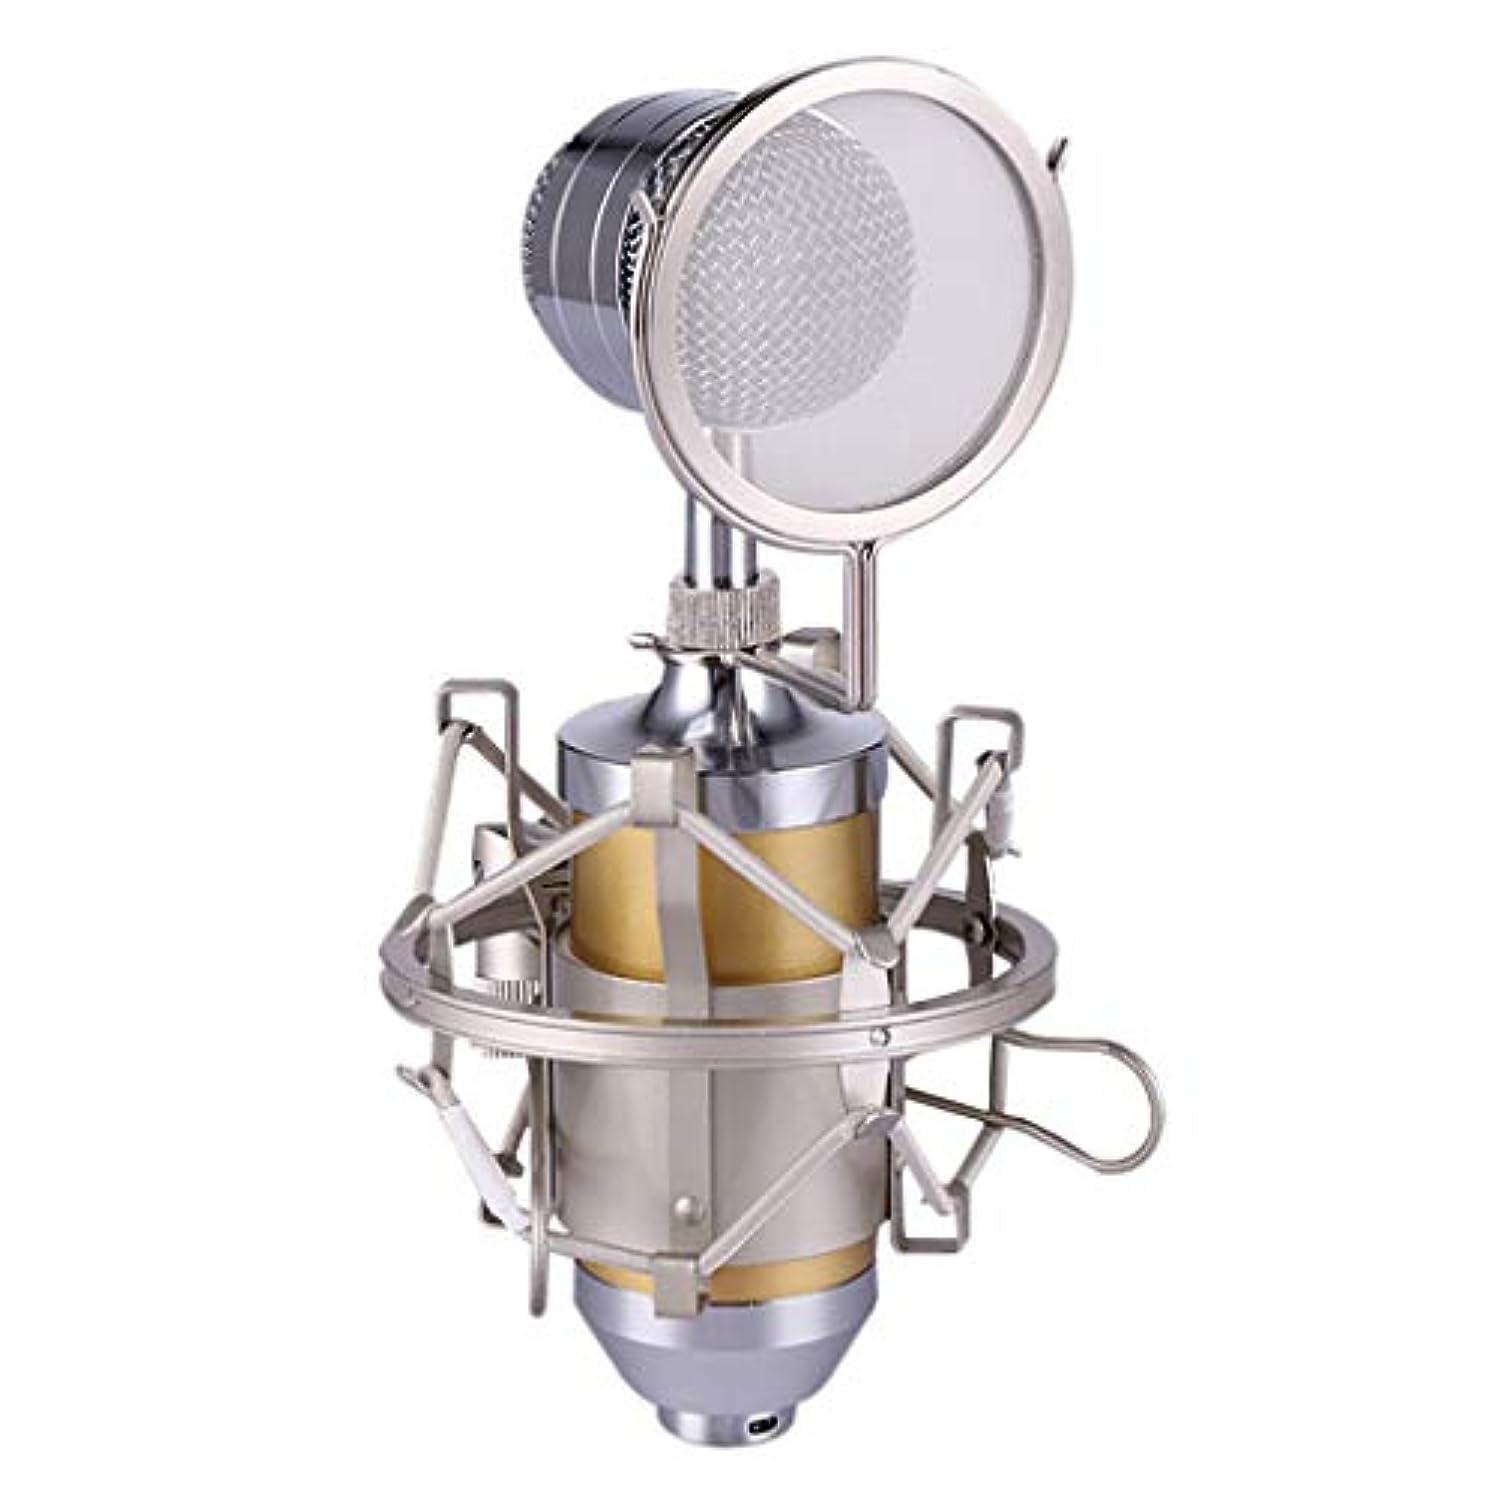 シプリー足音オーバーフローホームKTVパーティー録音インタビューを歌うためのiPhoneのAndroidスマートフォンポータブルハンドヘルドマイクロホン用のワイヤレスカラオケマイク